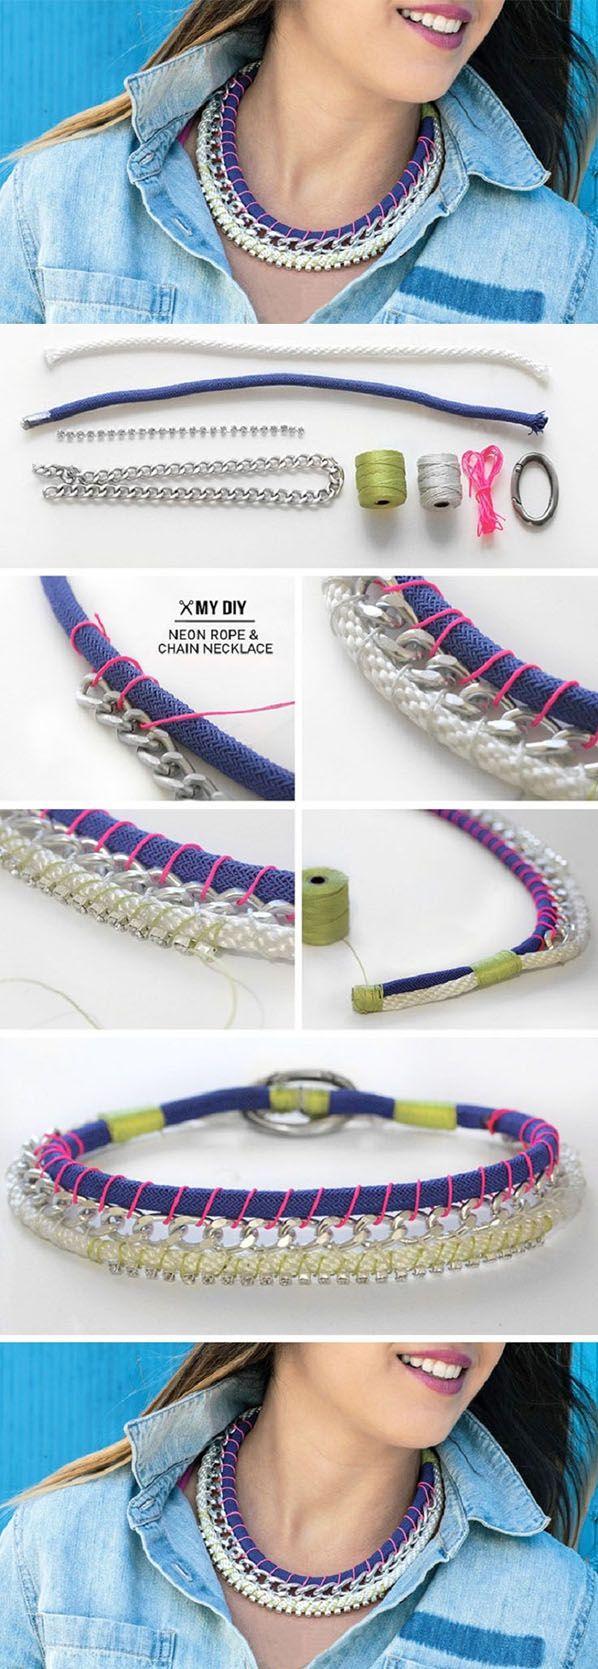 DIY Beautiful Necklace necklace diy diy ideas diy crafts do it yourself crafty diy jewelry diy pictures